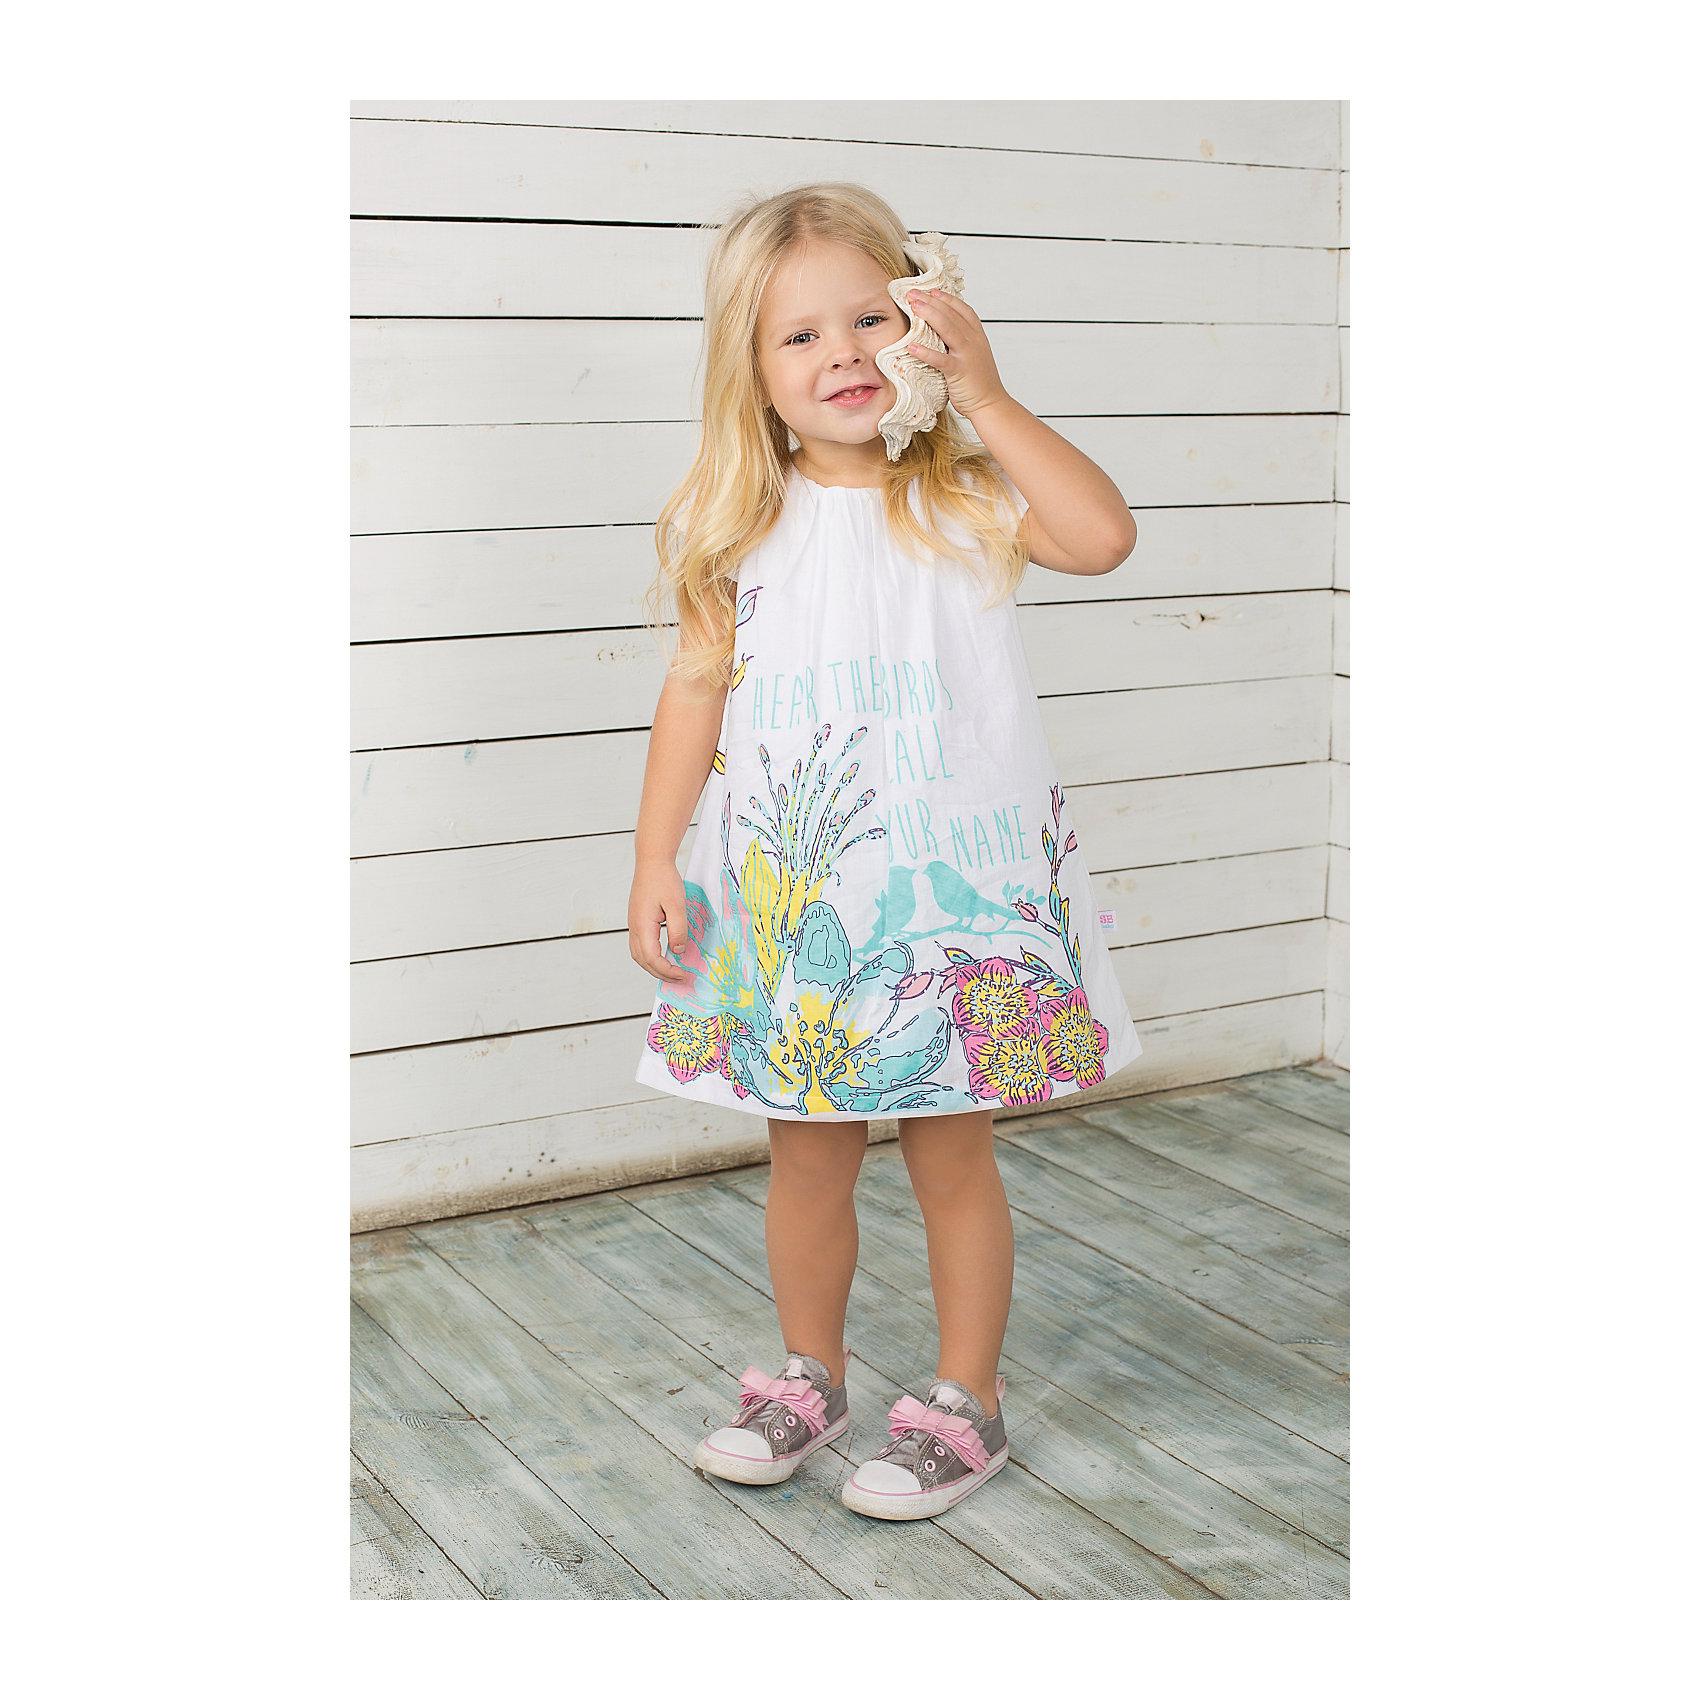 Платье для девочки Sweet BerryПлатья<br>Платье на девочку из тонкого поплина, декорирована складочками по горловине и цветочным принтом с глиттером.<br>Состав:<br>100% хлопок<br><br>Ширина мм: 236<br>Глубина мм: 16<br>Высота мм: 184<br>Вес г: 177<br>Цвет: белый<br>Возраст от месяцев: 9<br>Возраст до месяцев: 12<br>Пол: Женский<br>Возраст: Детский<br>Размер: 80,86,98,92<br>SKU: 4520445